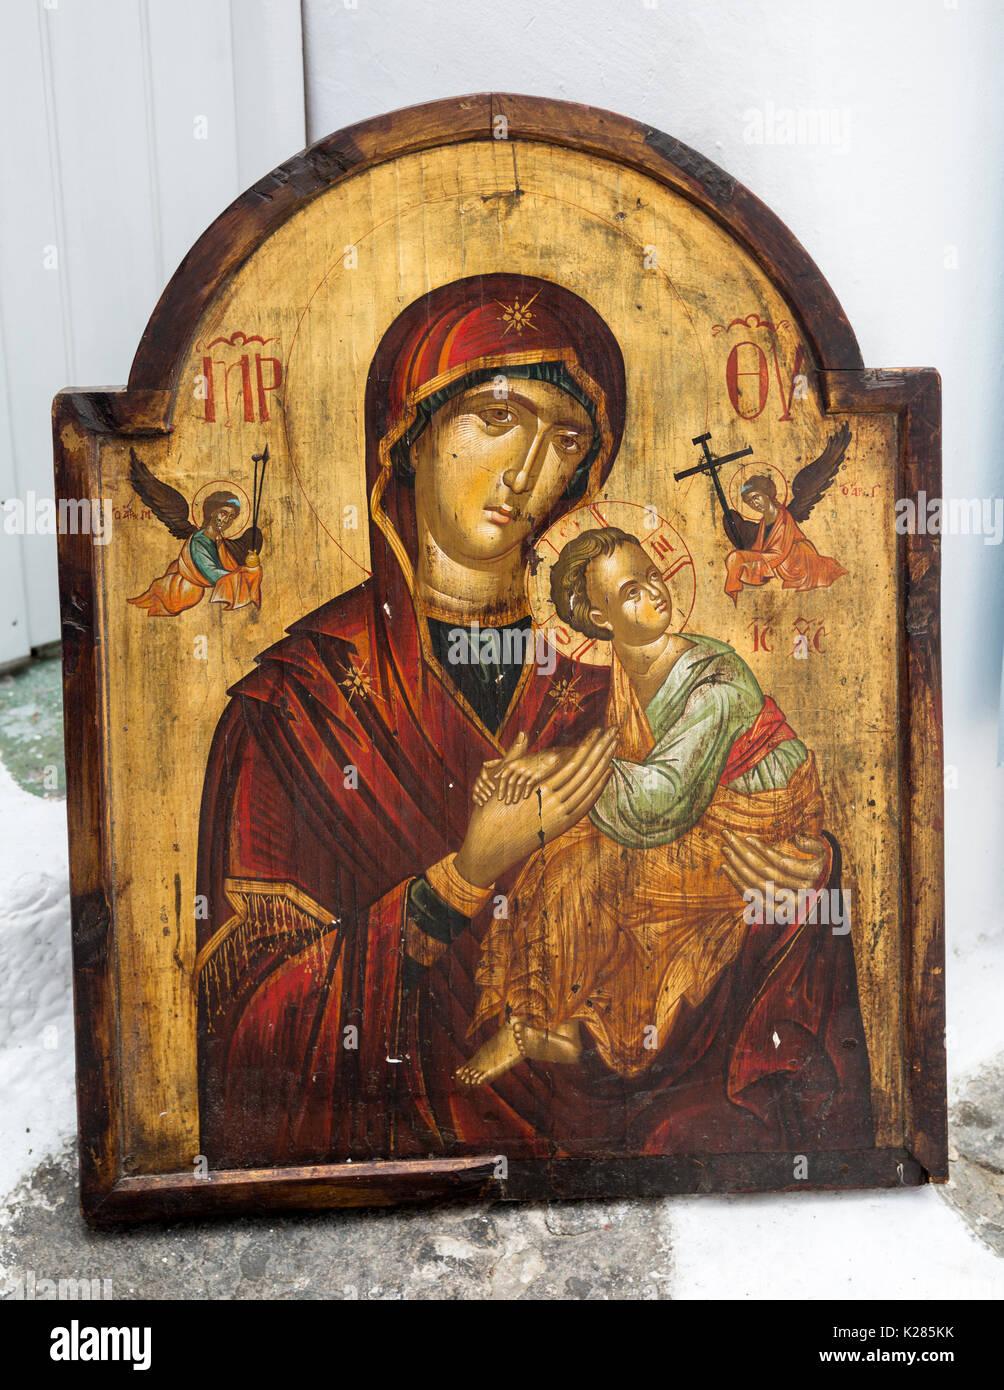 Enmarcado Ortodoxo Griego de la réplica del icono de la Virgen María ...